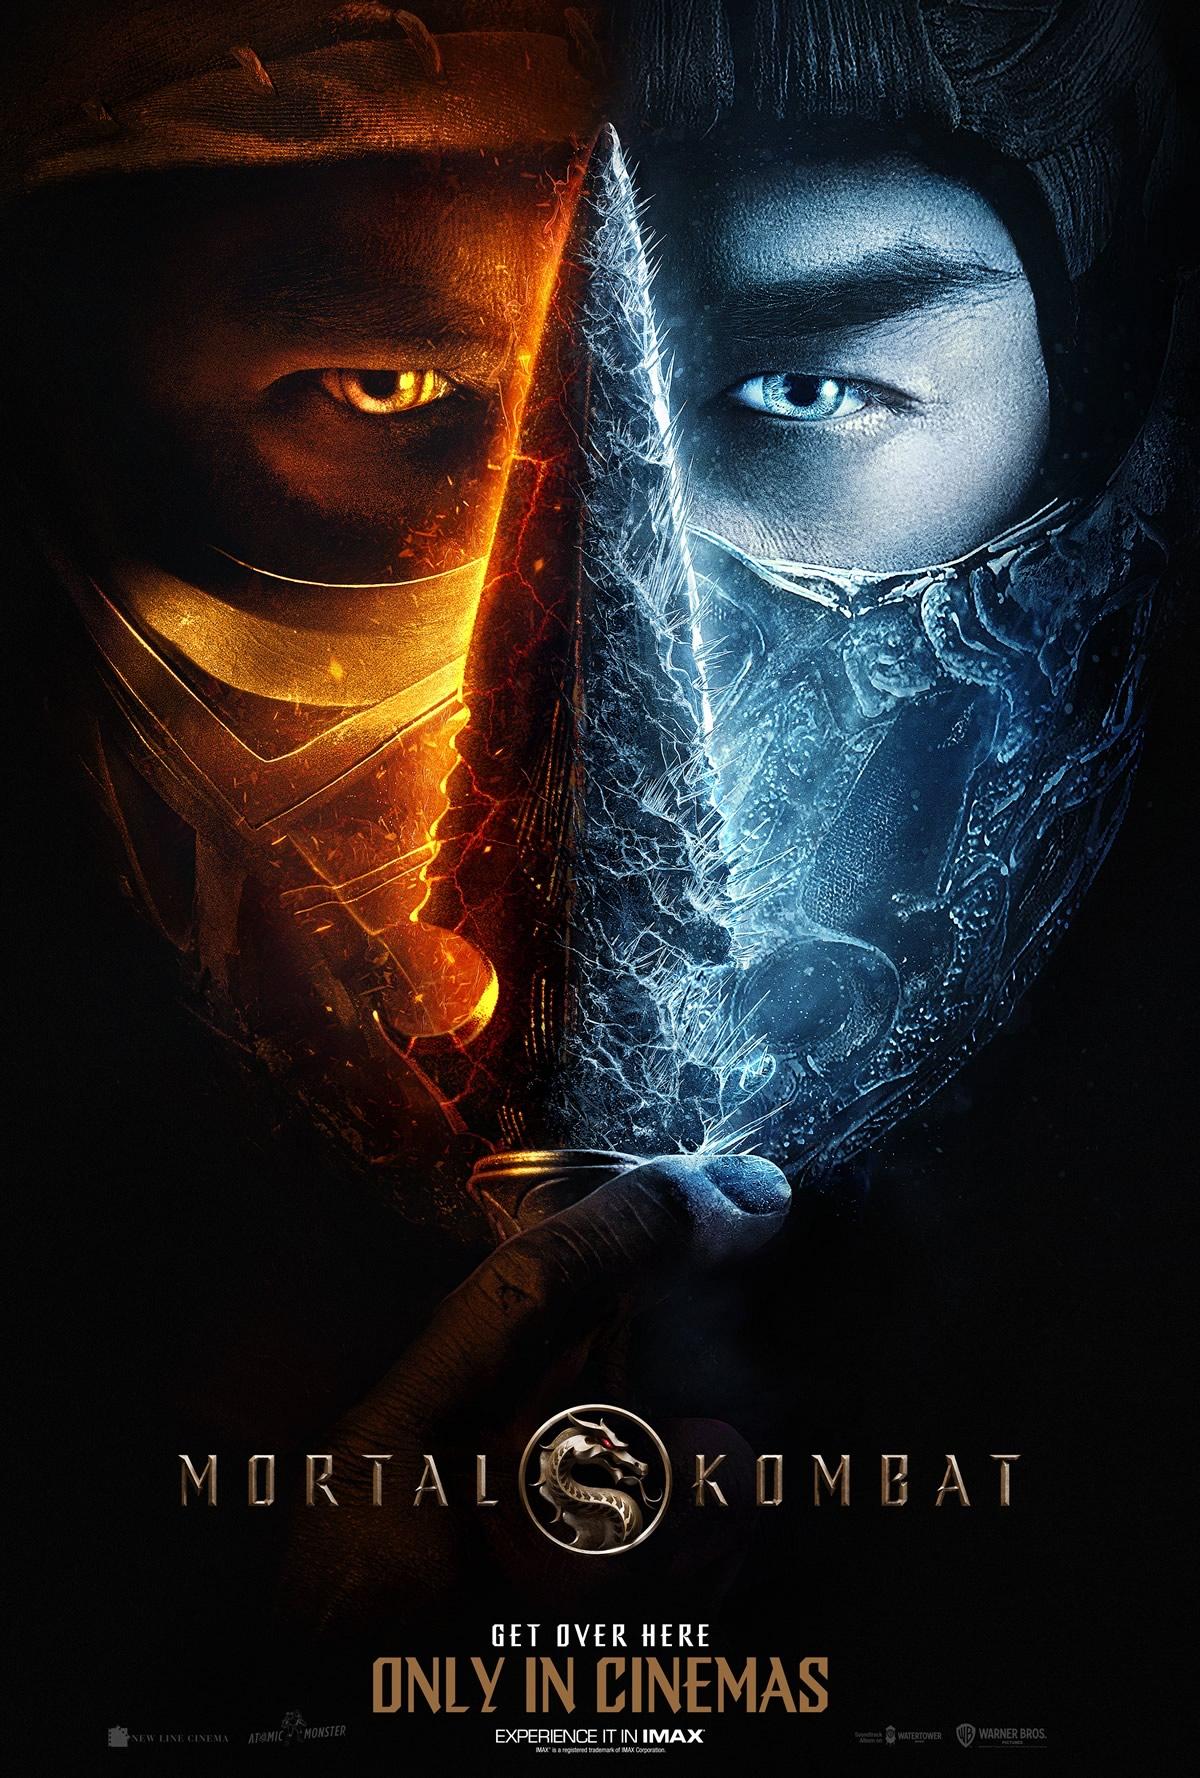 MORTAL KOMBAT | Trailer divulgado com golpes e muito sangue inspirado nos games